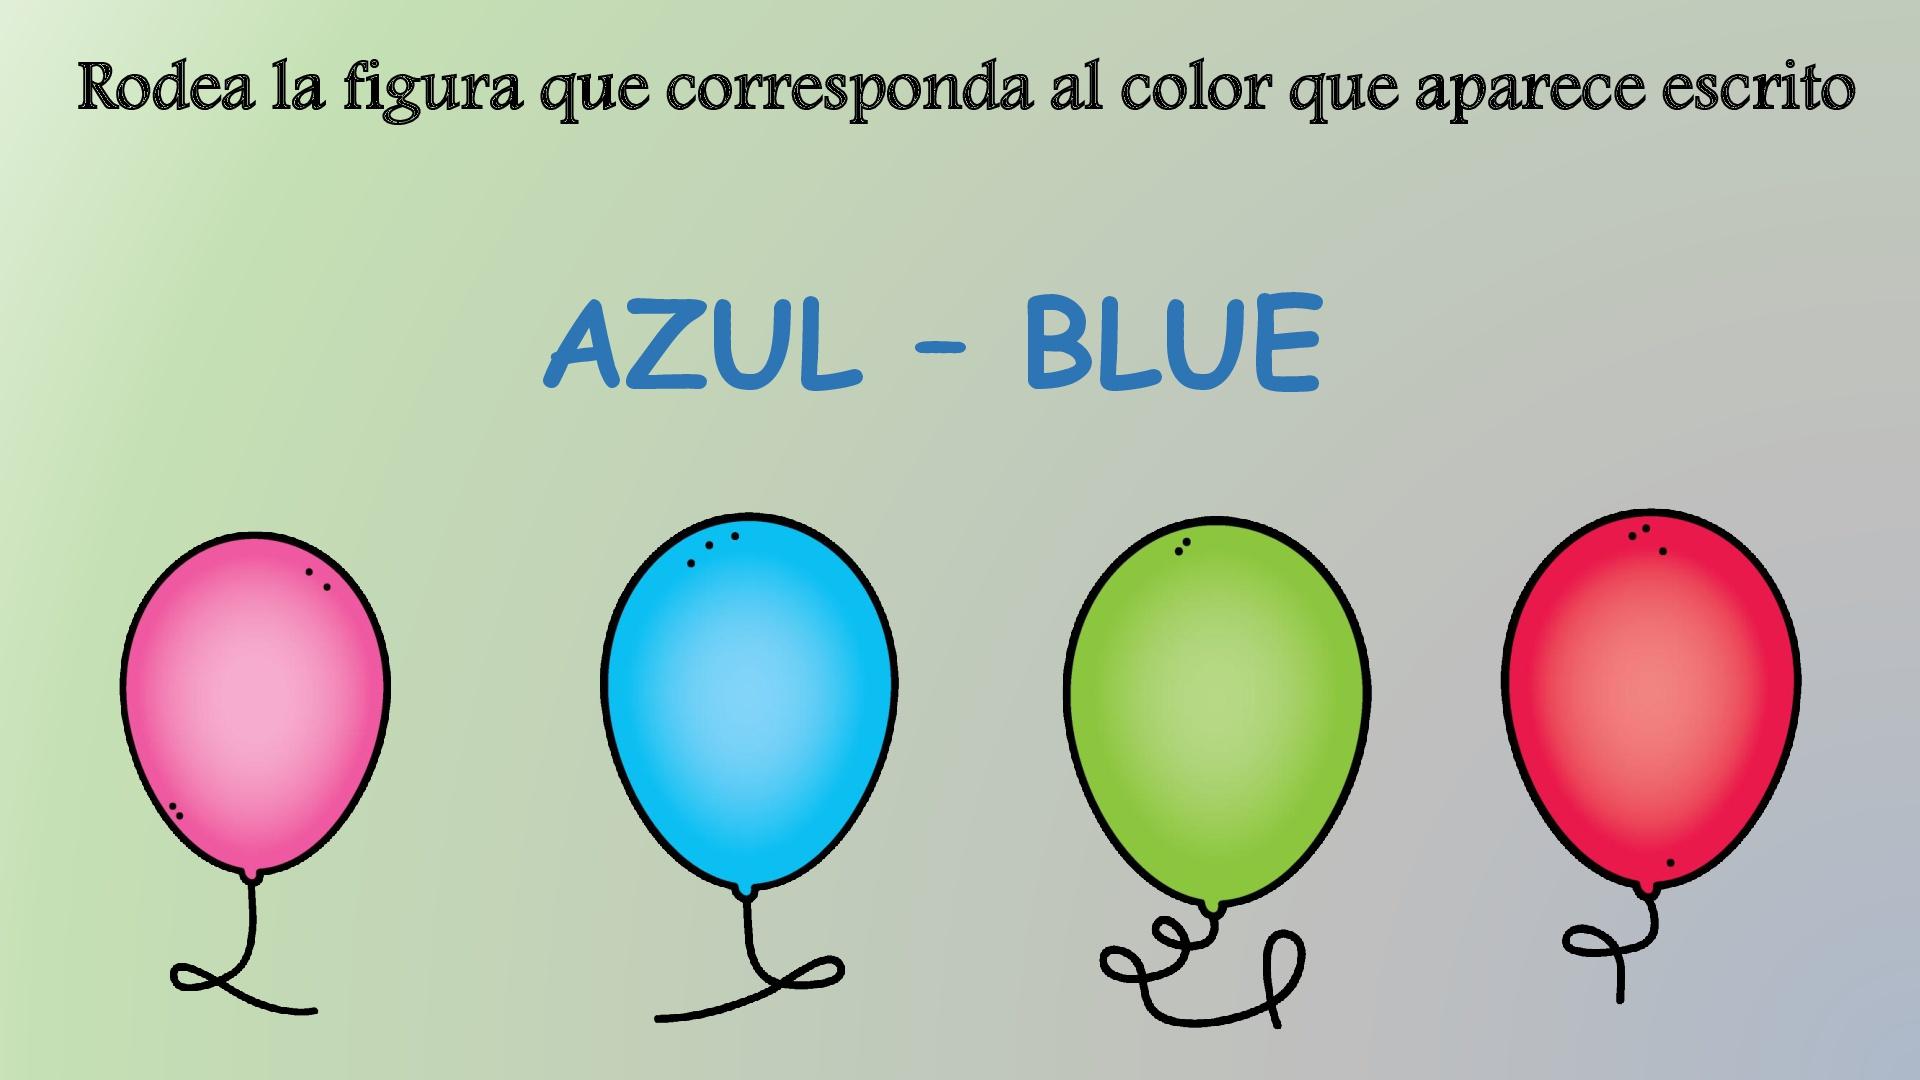 colores-ingles-y-espanol-008